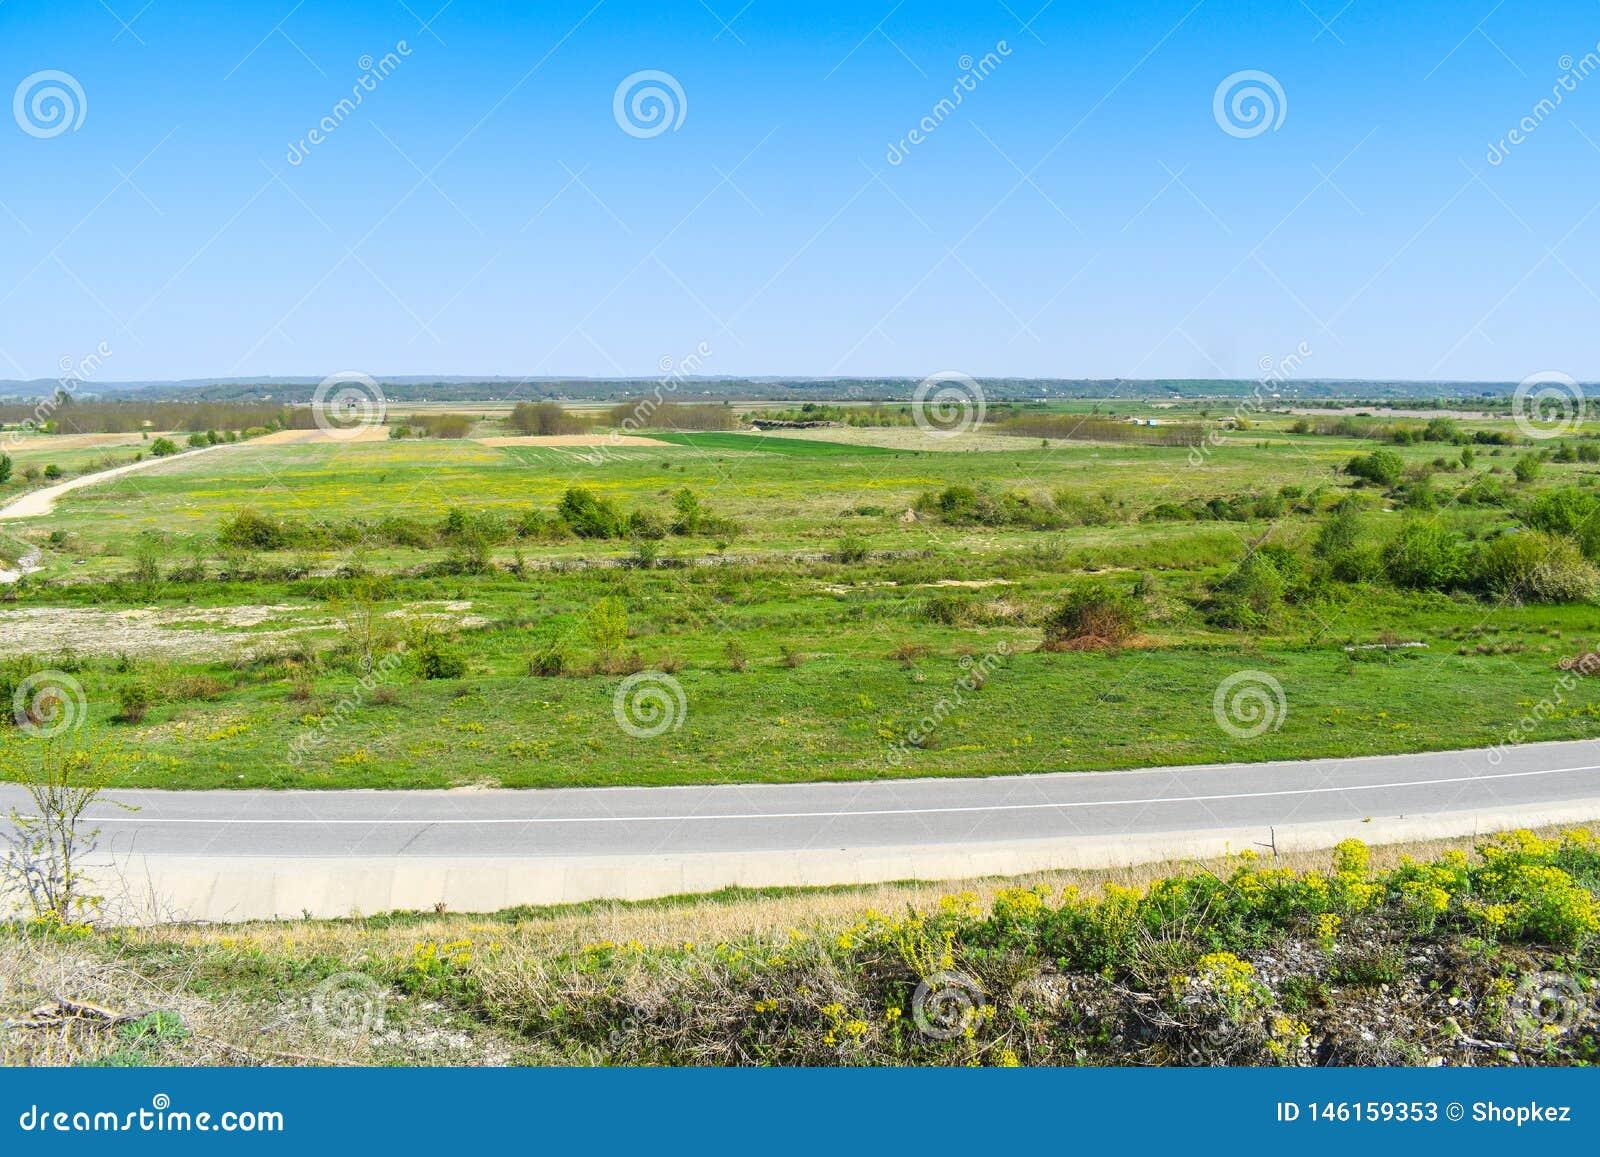 Όμορφη πράσινη κοιλάδα σε μια φωτεινή ηλιόλουστη θερινή ημέρα